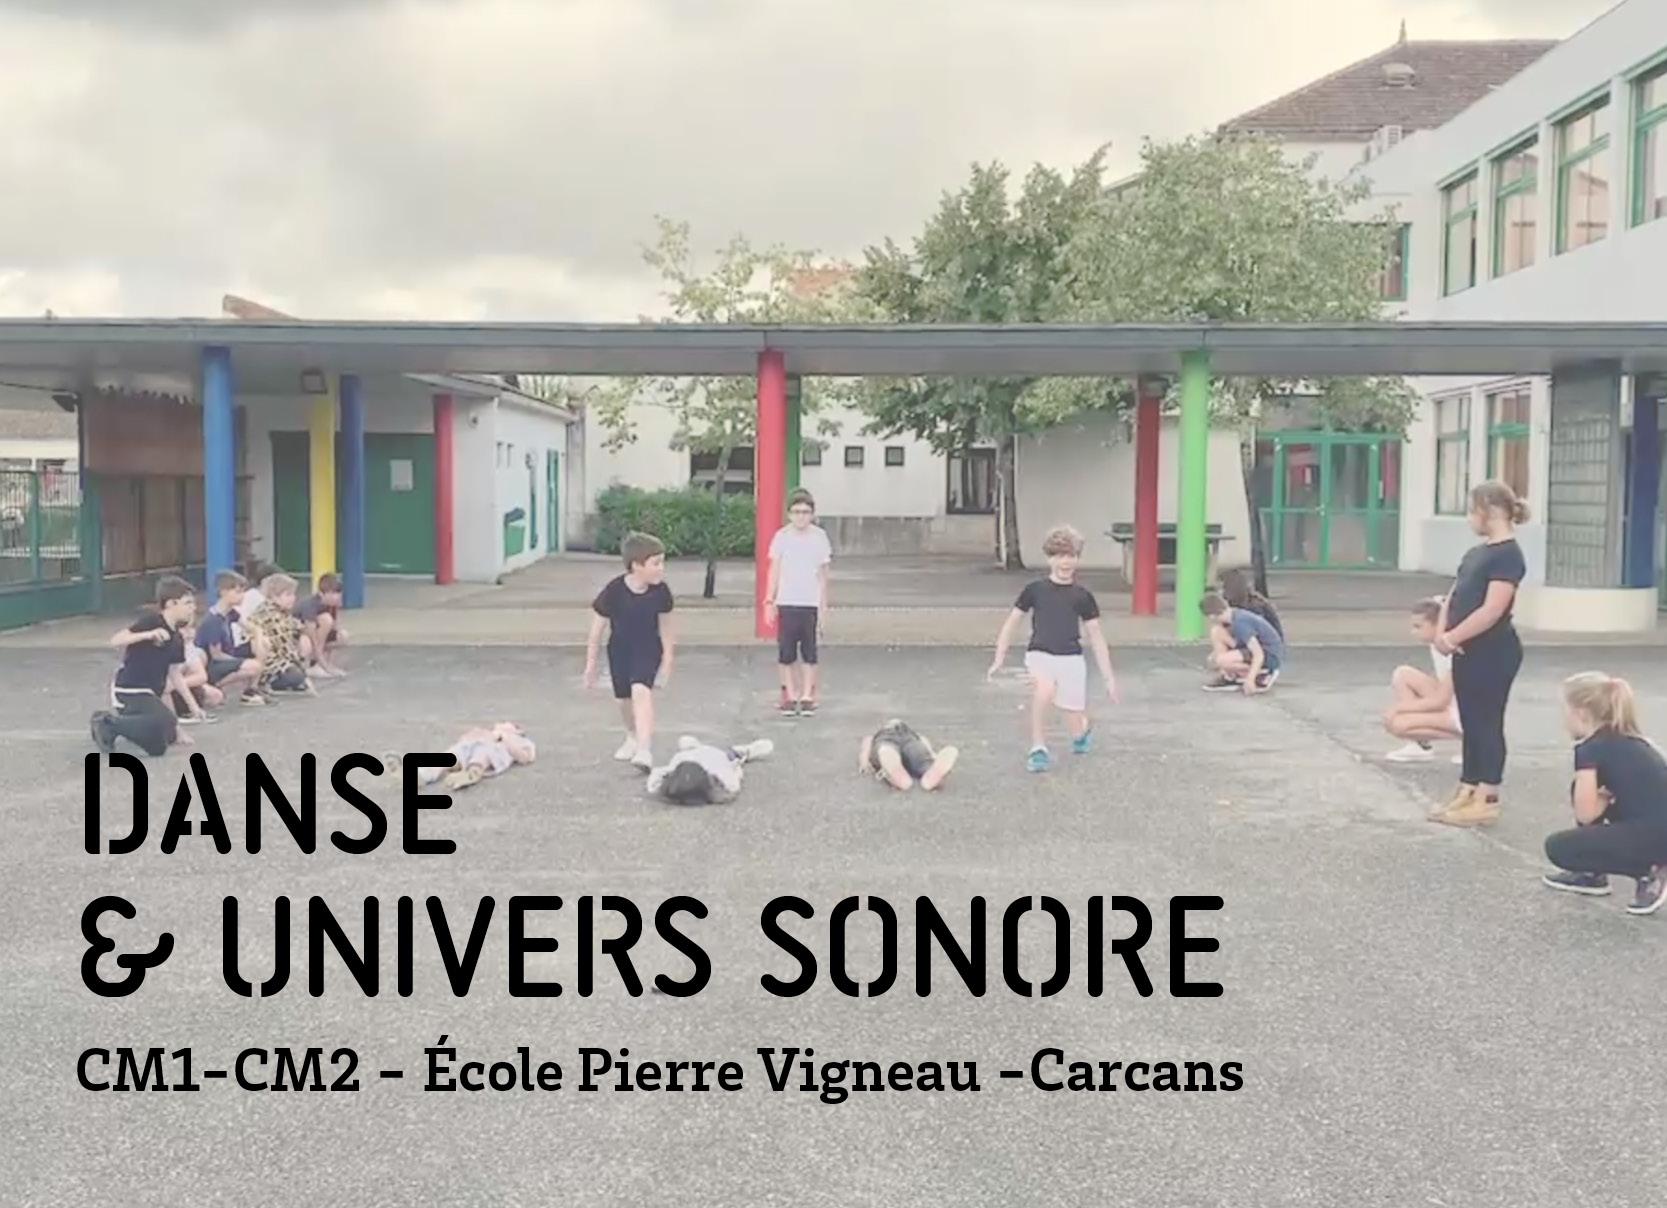 Ecole Pierre Vigneau